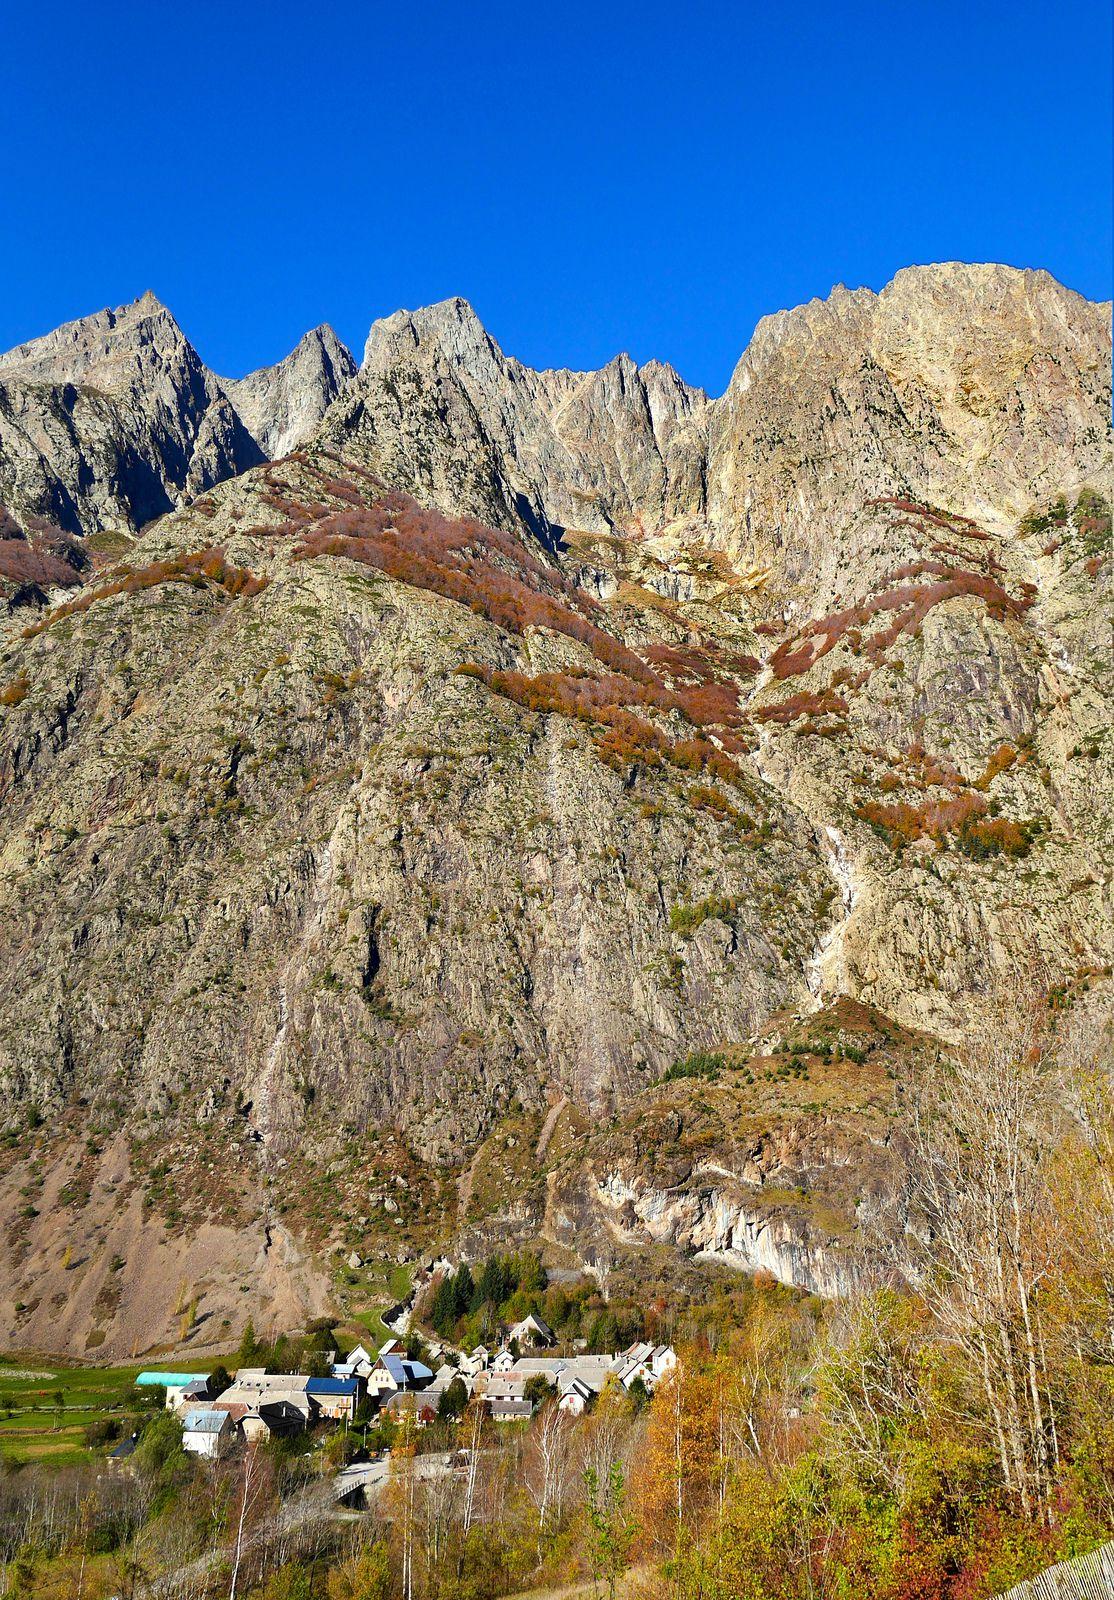 Au-dessus du hameau de la Chalp, le vallon du Rochier, haut de 1800 m (voir tracé de l'itinéraire sur la photo suivante).